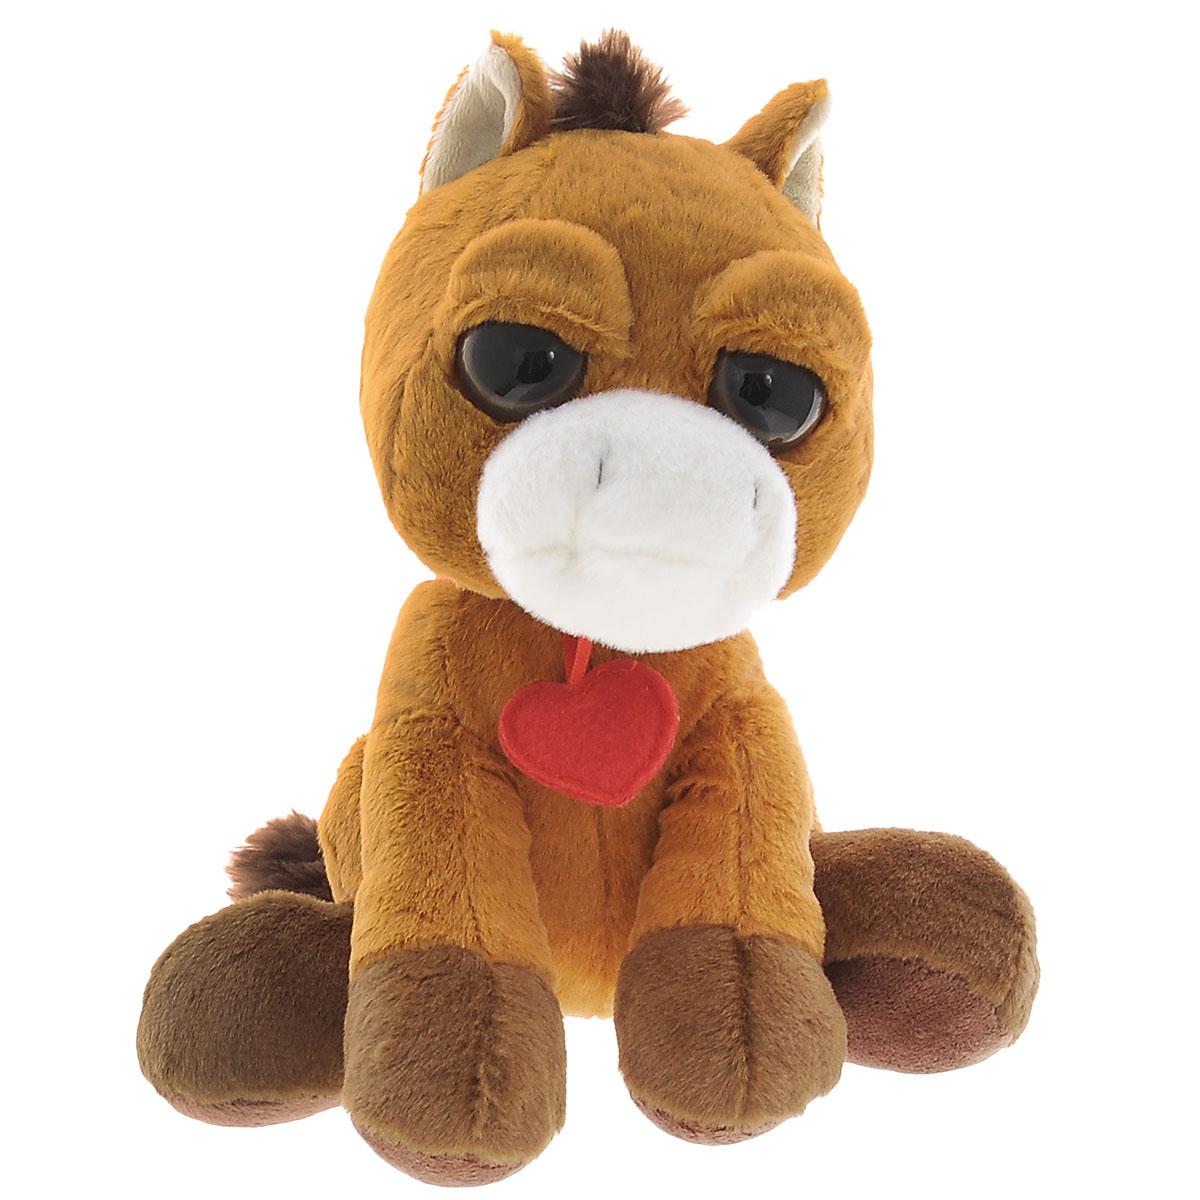 Мягкая игрушка Plush Apple Лошадка с сердечком, 23 см anna club plush мягкая игрушка бассет хаунд 18 см